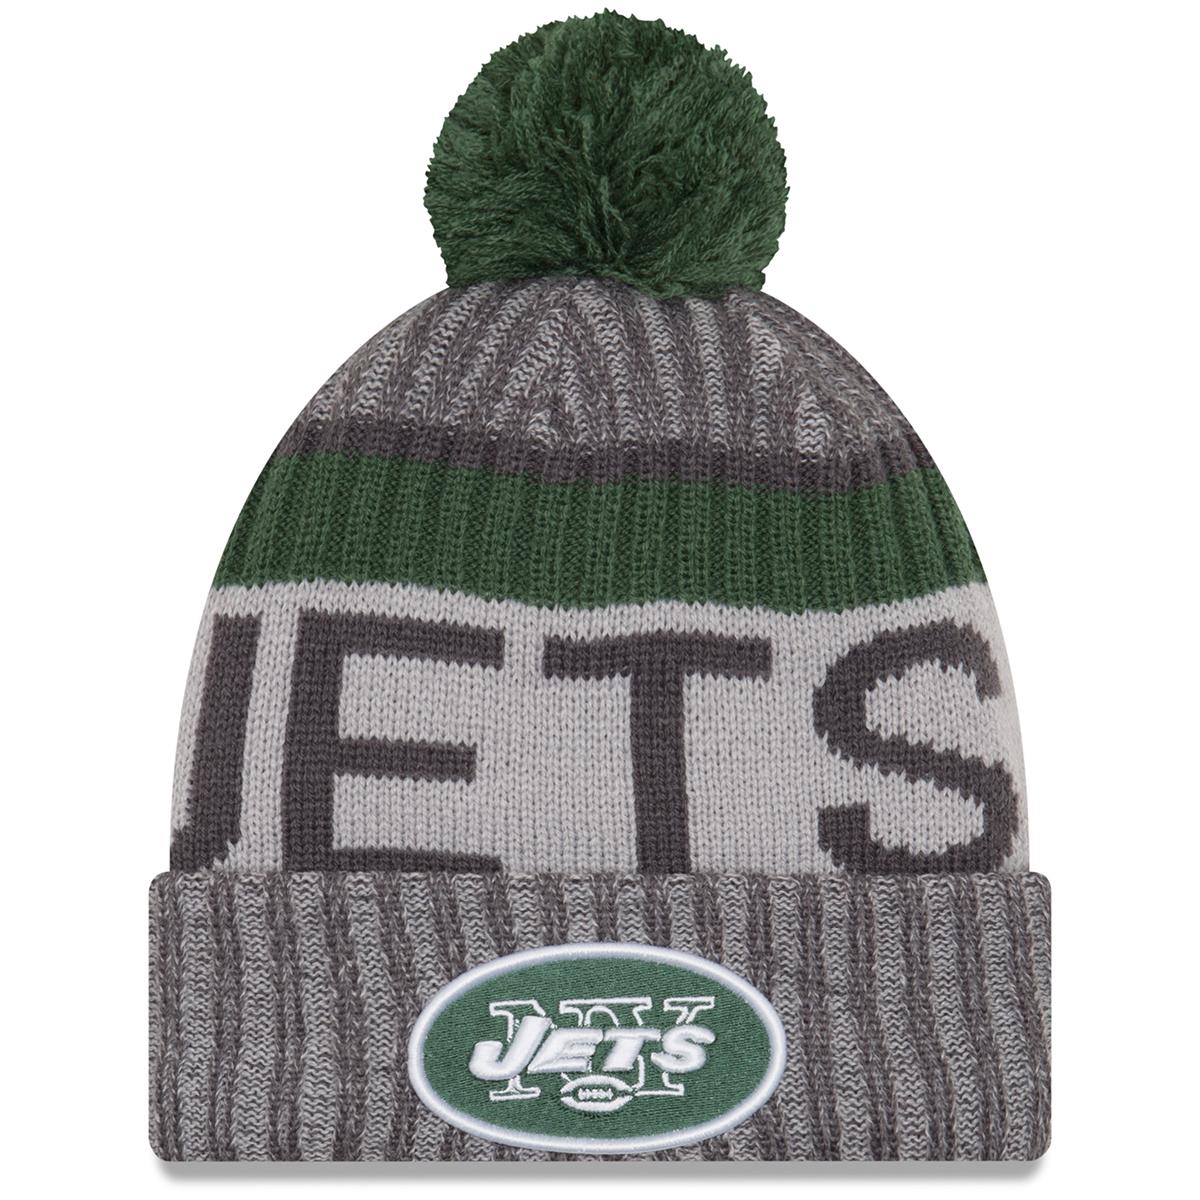 New York Jets 2017 Sport Knit Cuffed Pom Beanie - Black, ONESIZE